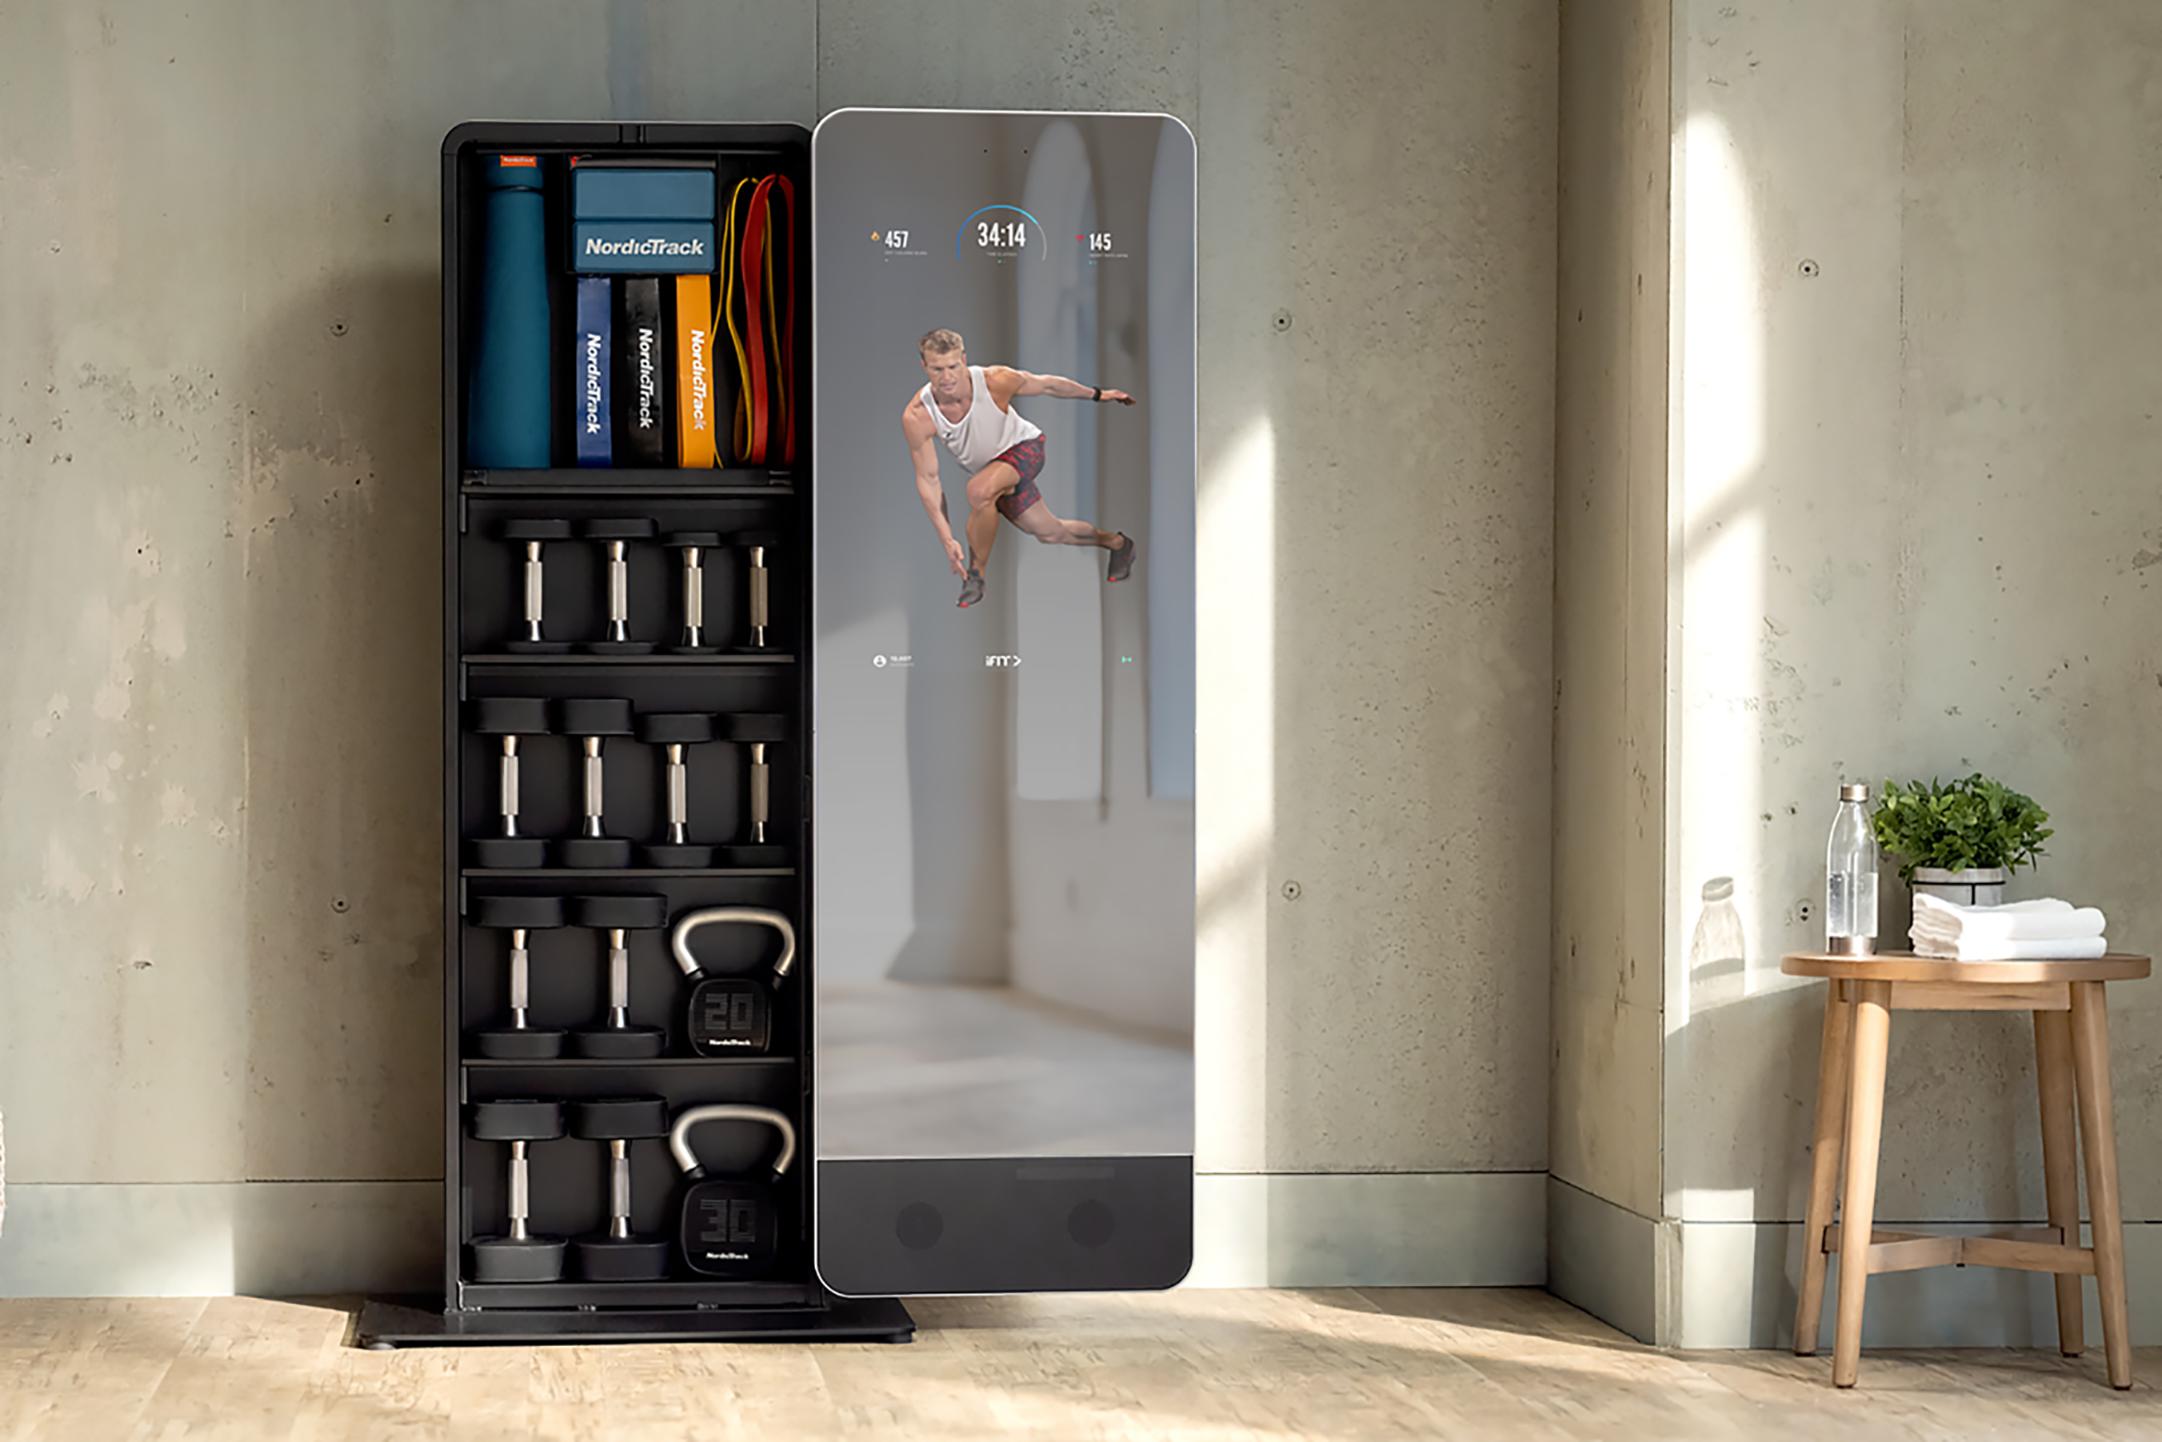 NordicTrack Vault smart mirror